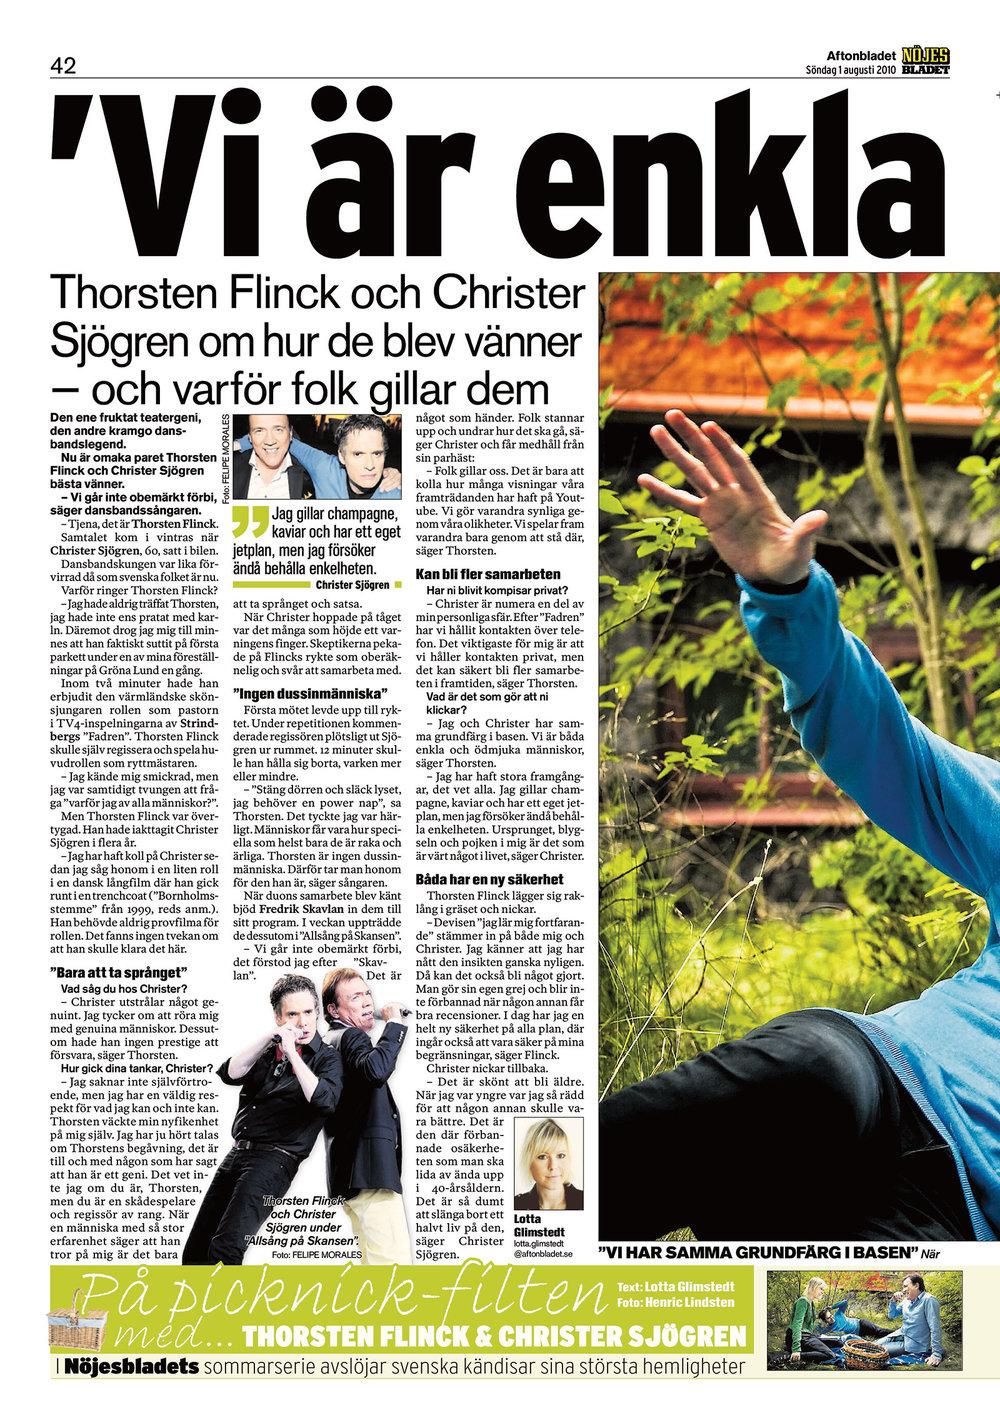 Flinck-Sjogren-Aftonbladet.jpg